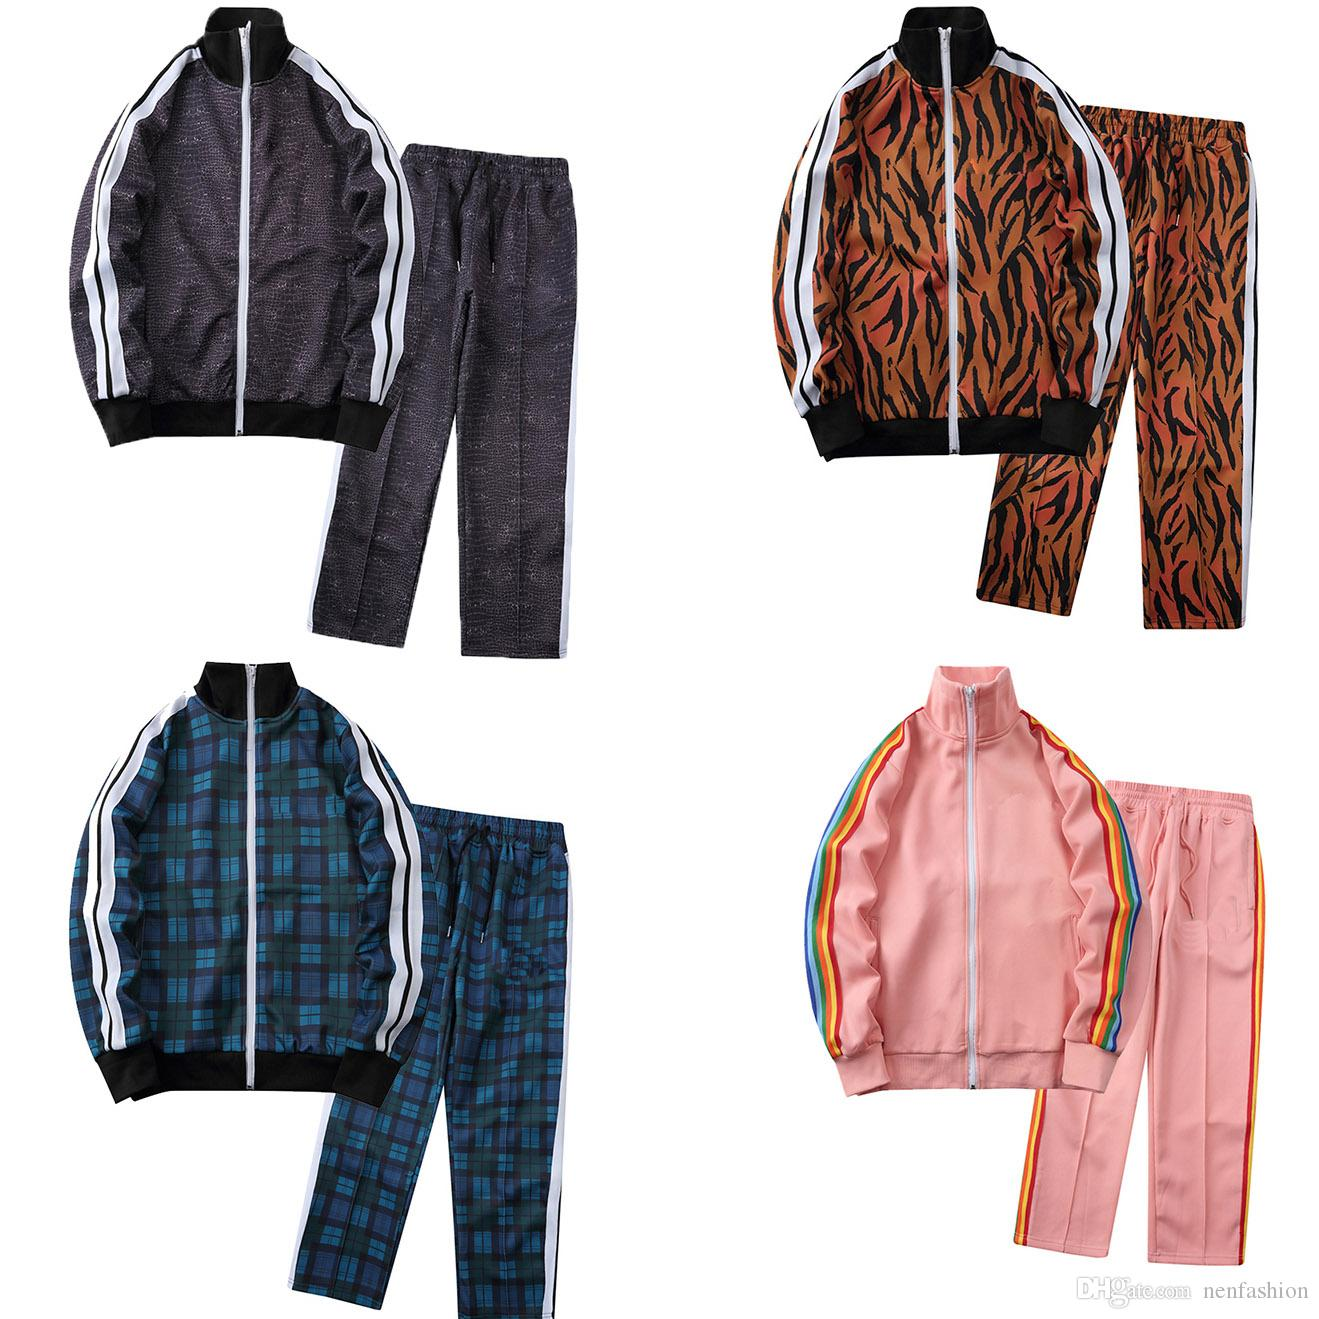 Diseñador de hombres Moda para hombre Tacksuit letra letra impresión primavera otoño mujer ropa deportiva de manga larga con cremallera tendencia de la calle Trend jogging Pantalones